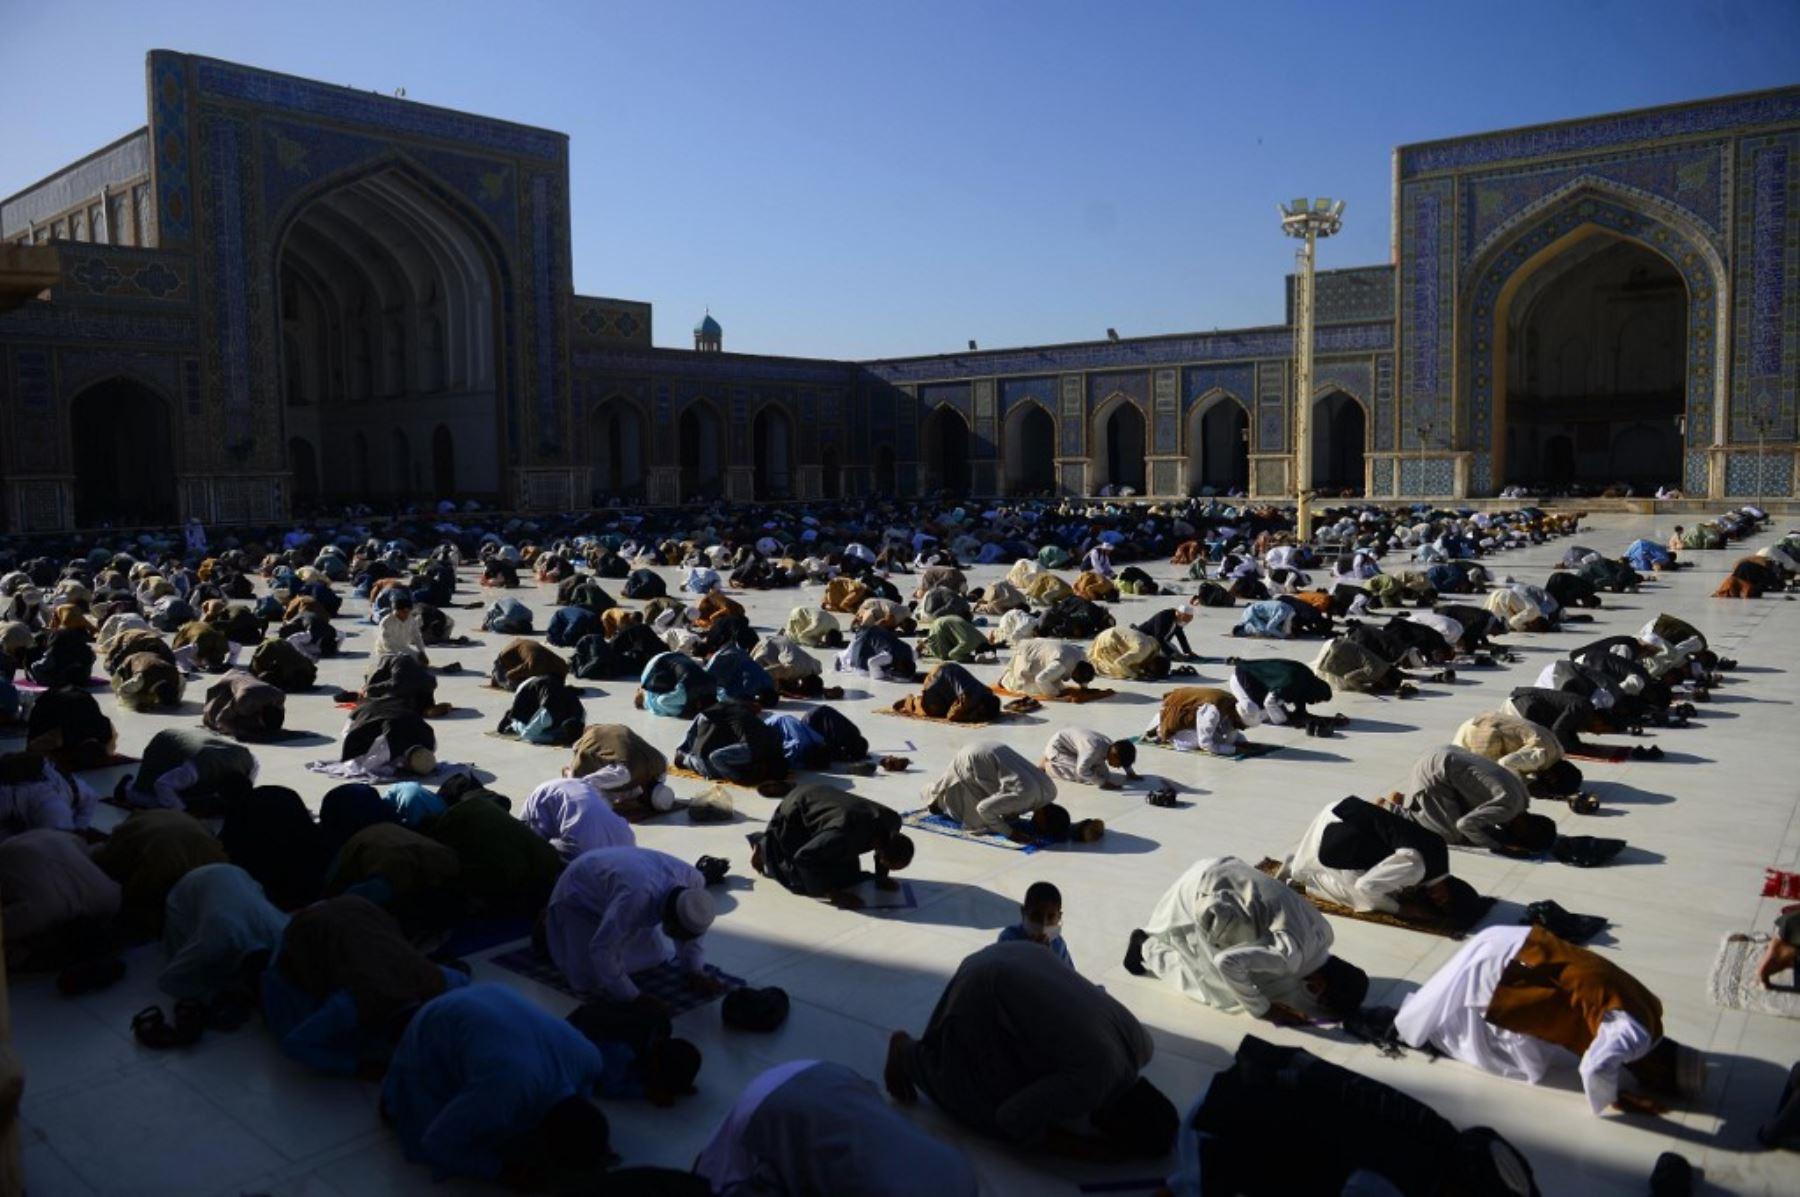 Los devotos musulmanes ofrecen oraciones al comienzo del festival Eid al-Fitr, que marca el final del mes sagrado musulmán del Ramadán en la mezquita Jami, en Herat. Foto: AFP